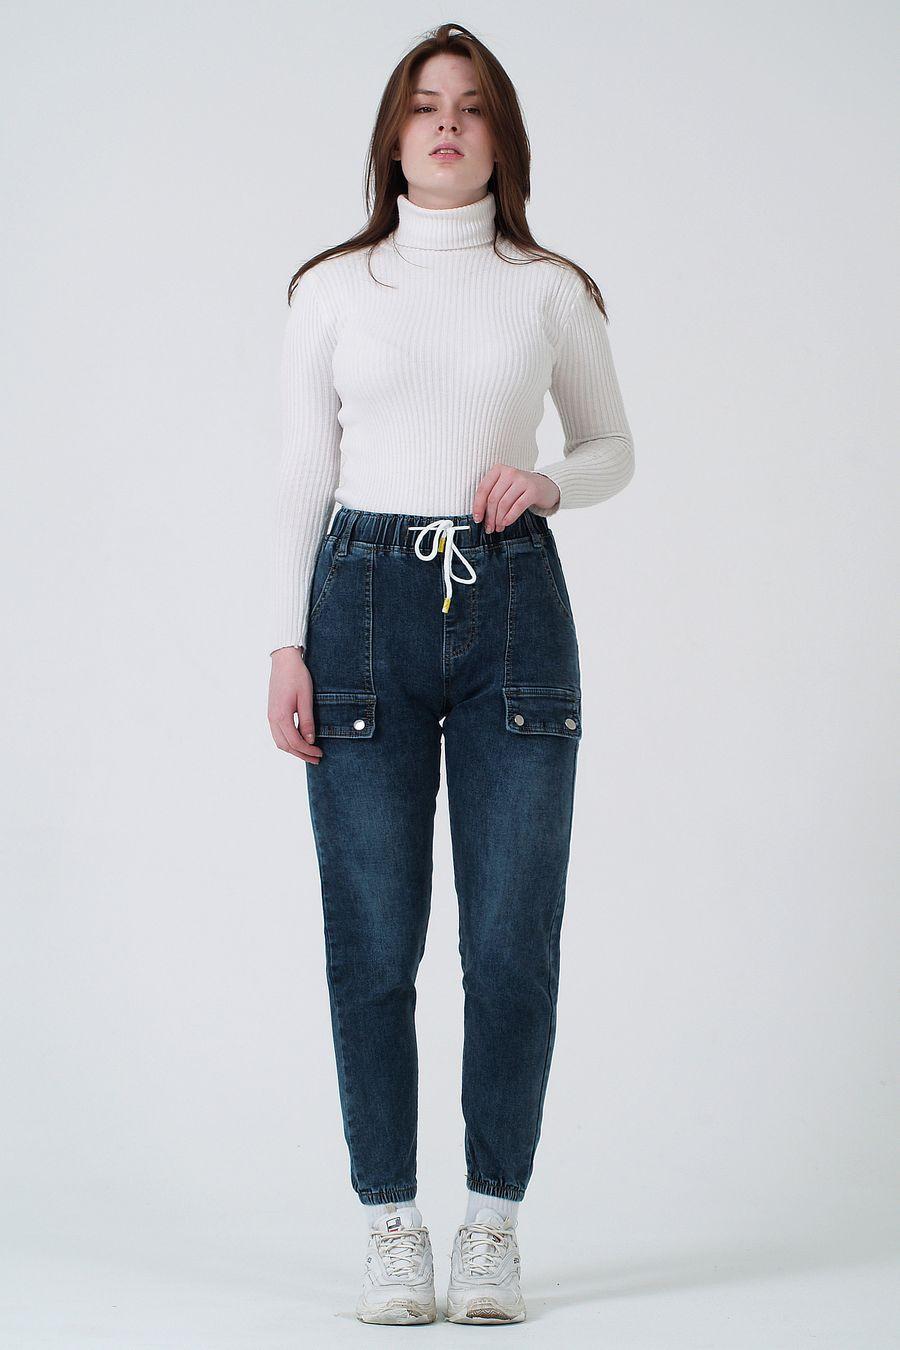 Джинсы женские K.Y Jeans 097 - фото 2